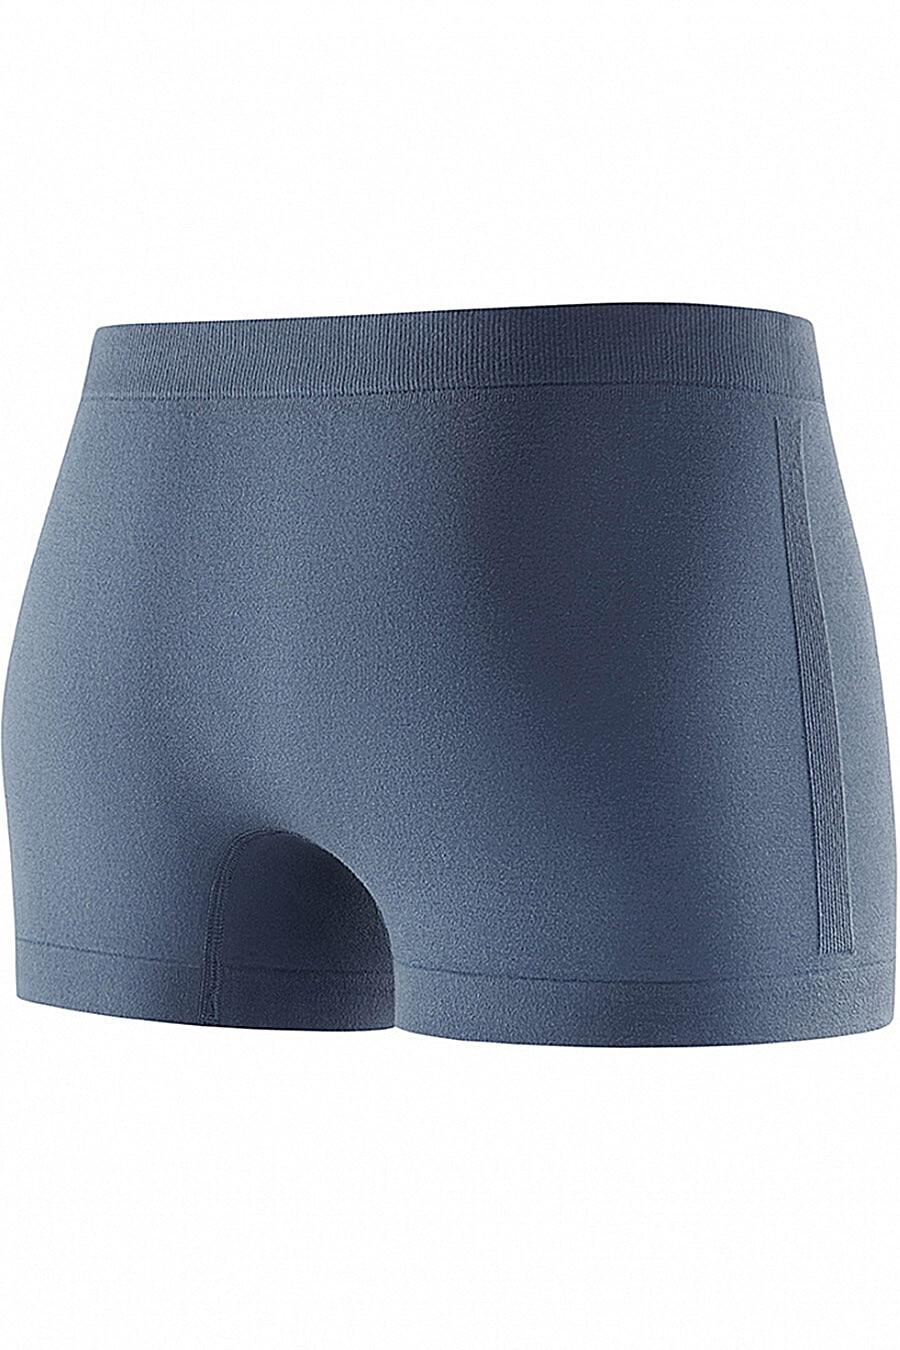 Трусы для мужчин TEKSA 218696 купить оптом от производителя. Совместная покупка мужской одежды в OptMoyo